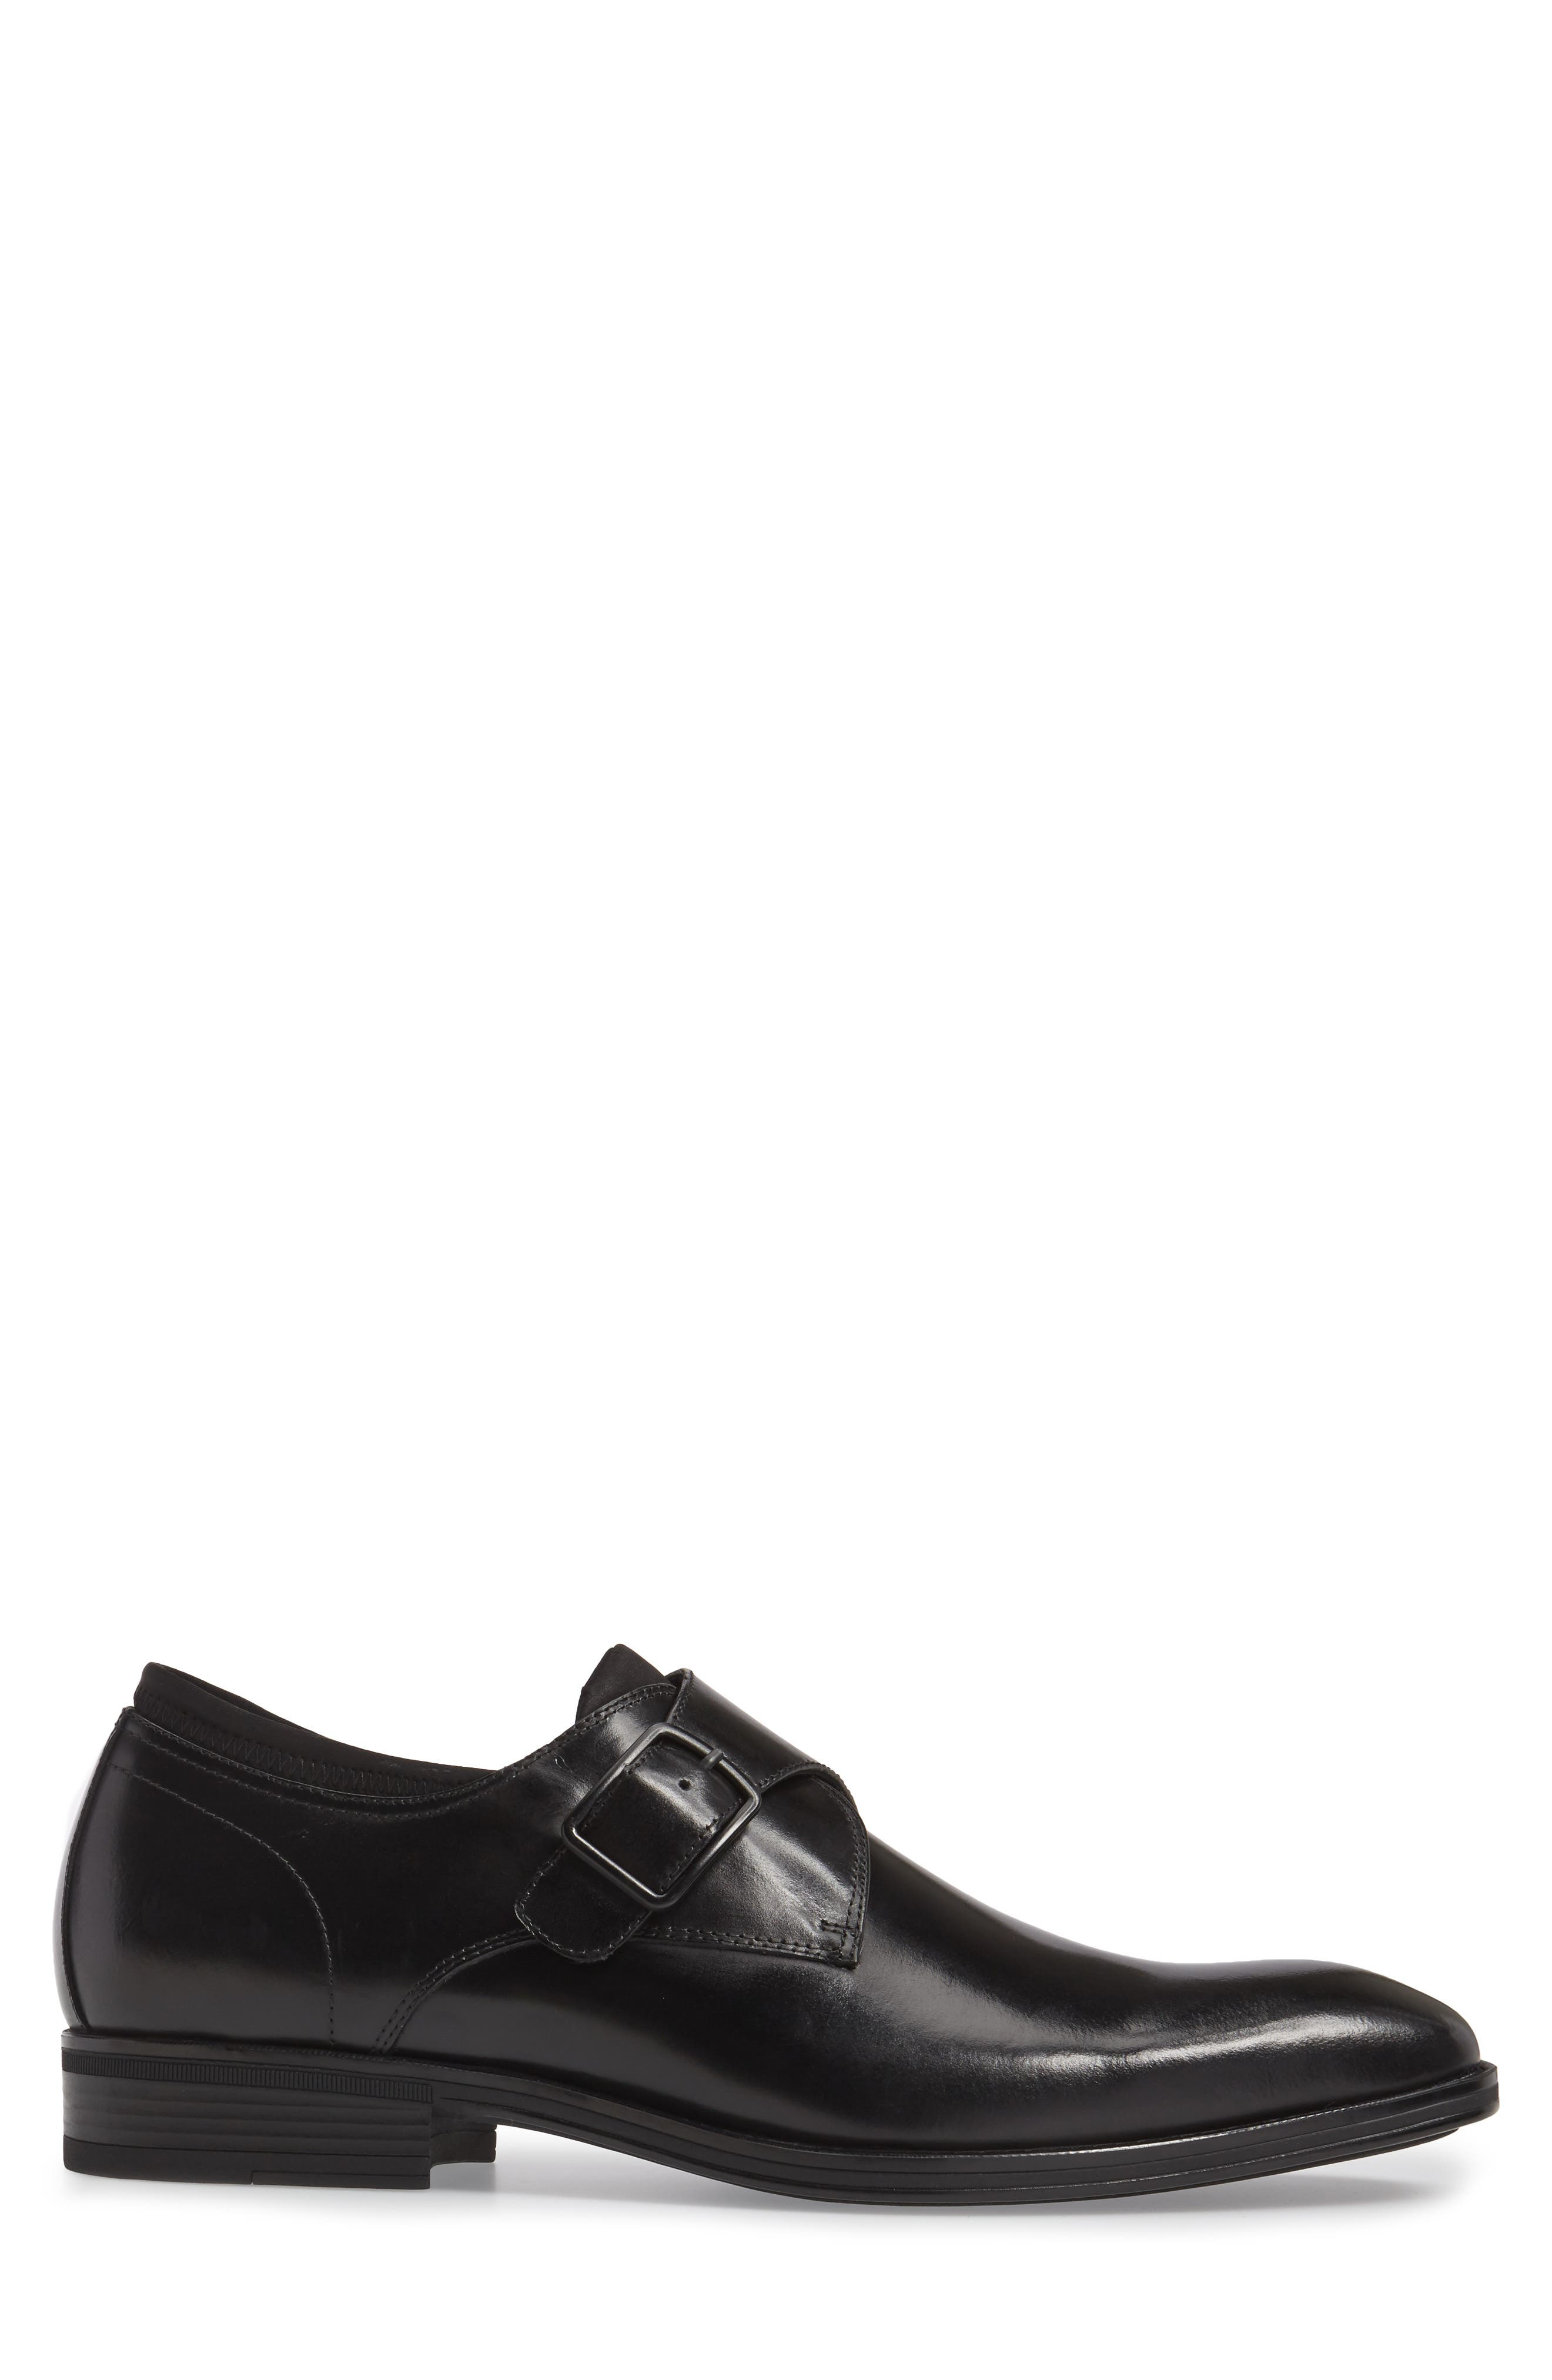 Alternate Image 3  - Kenneth Cole New York Shock Wave Monk Shoe (Men)